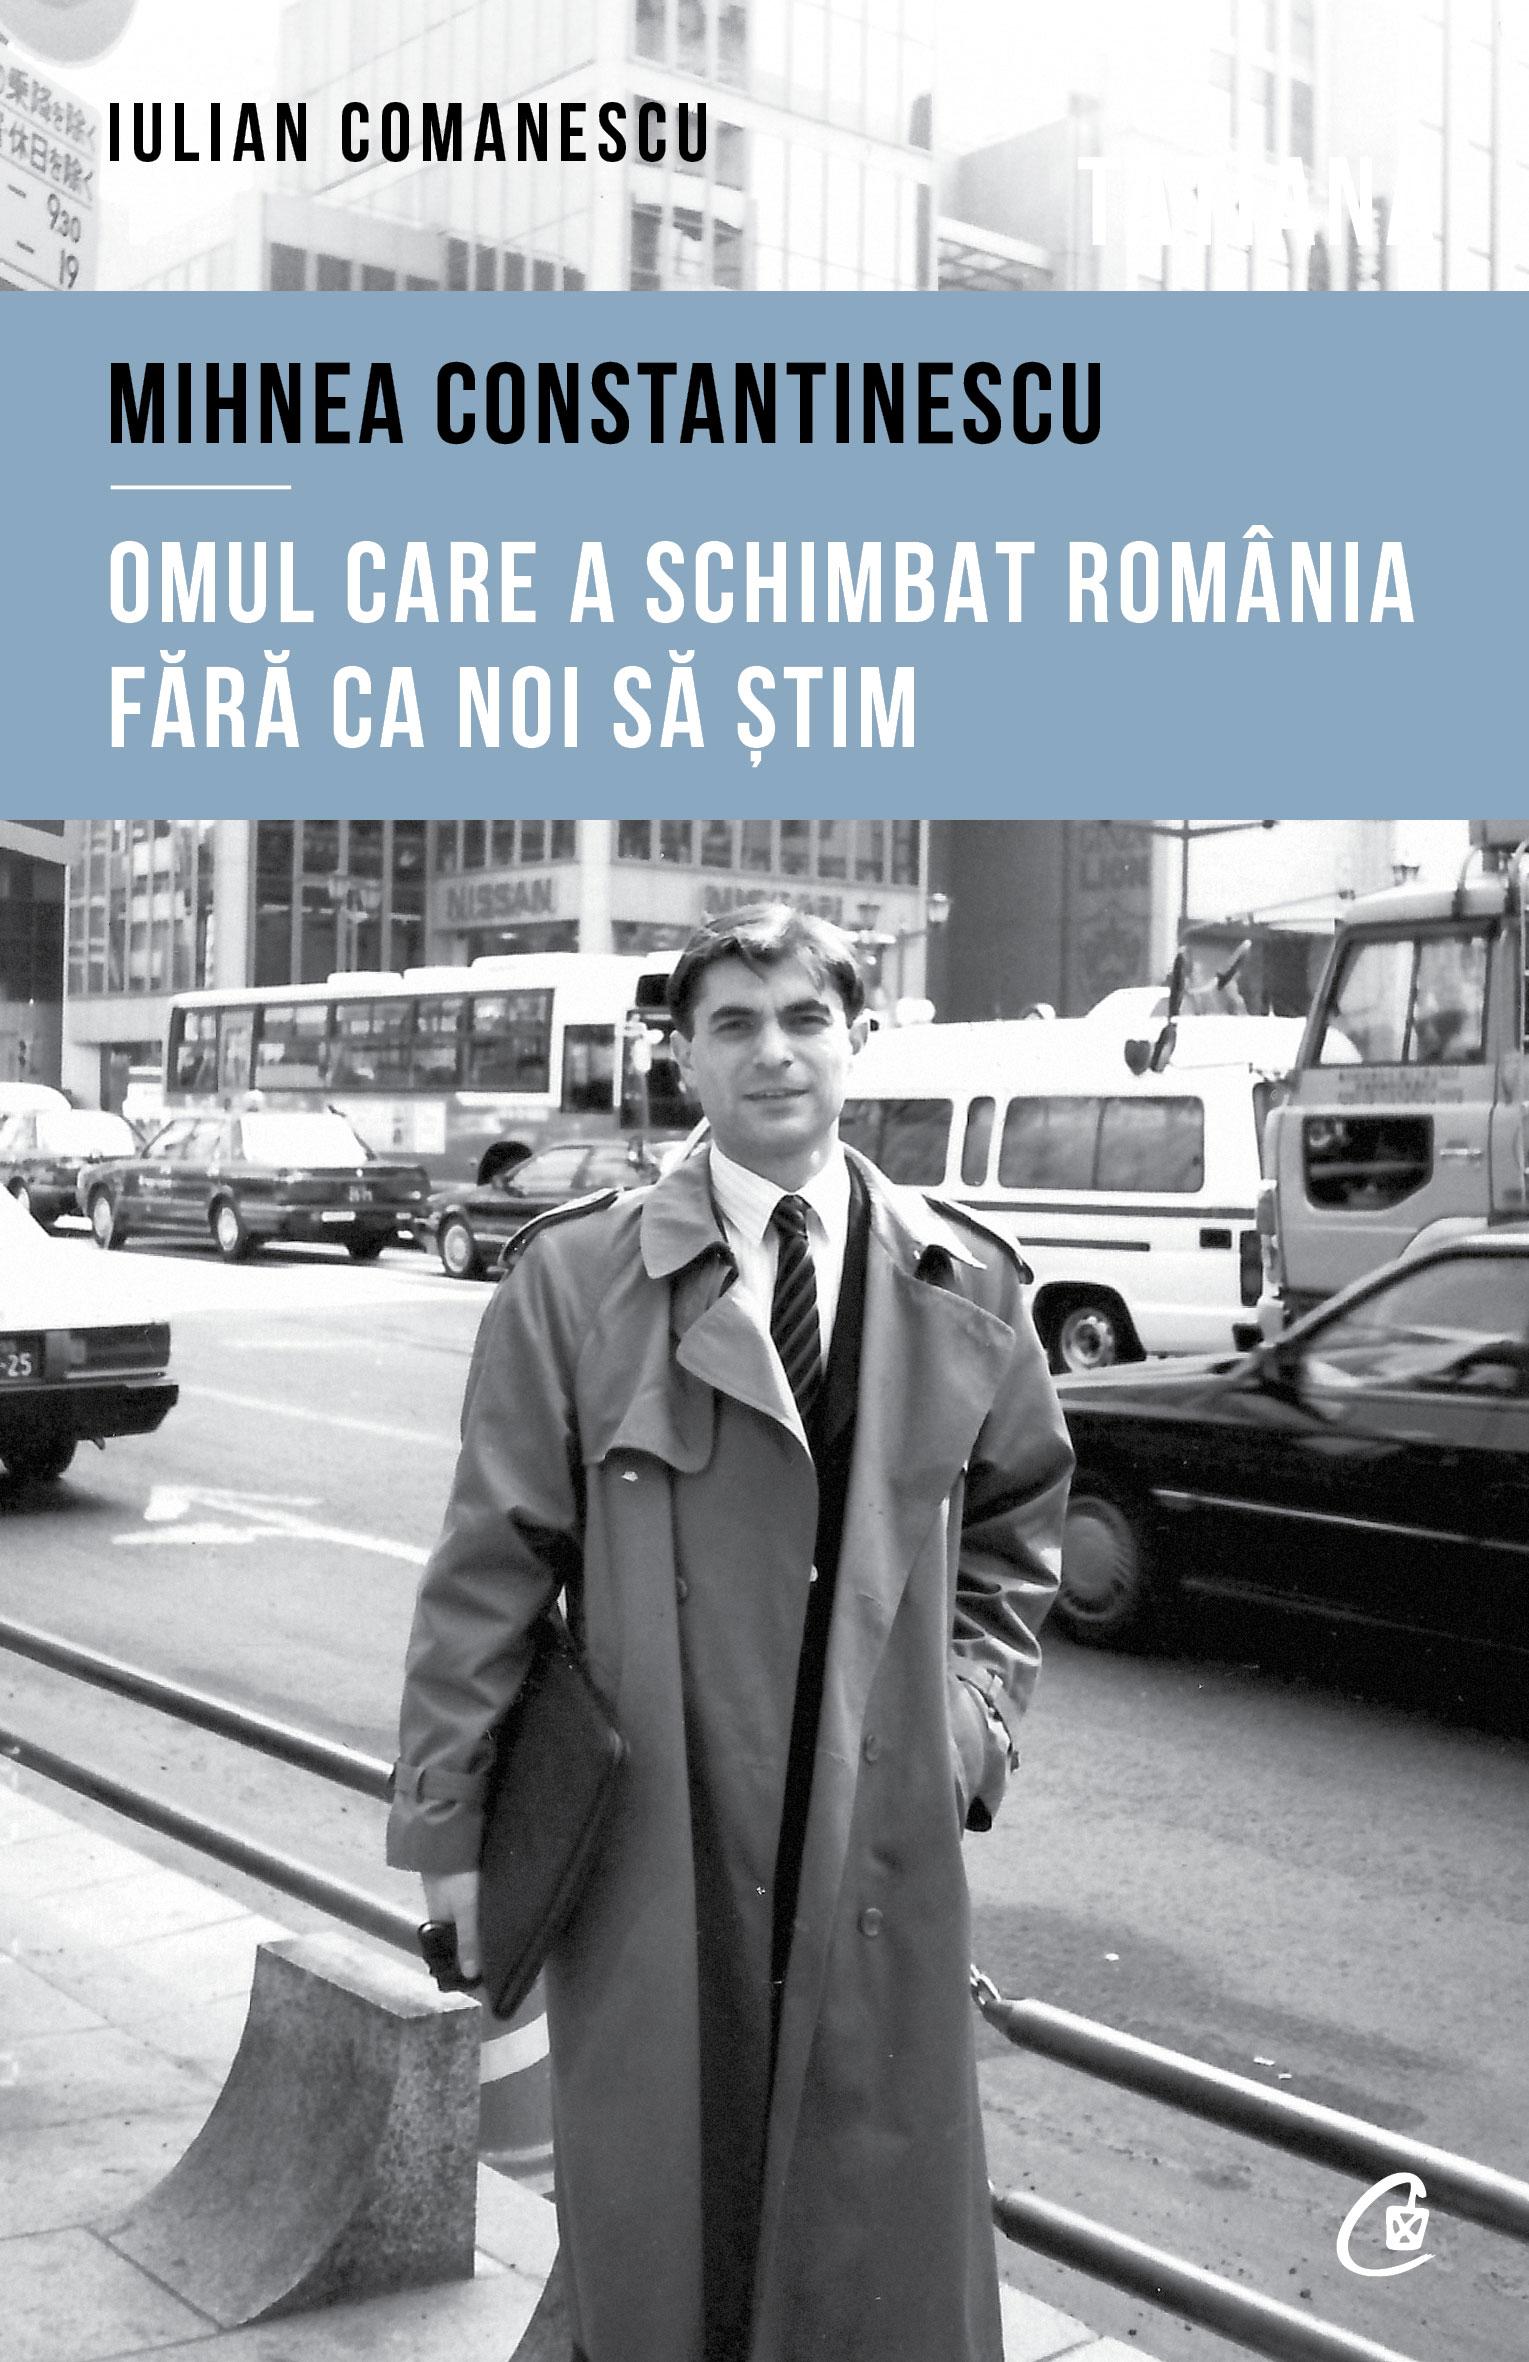 Mihnea Constantinescu - Omul care a schimbat România fără ca noi să știm